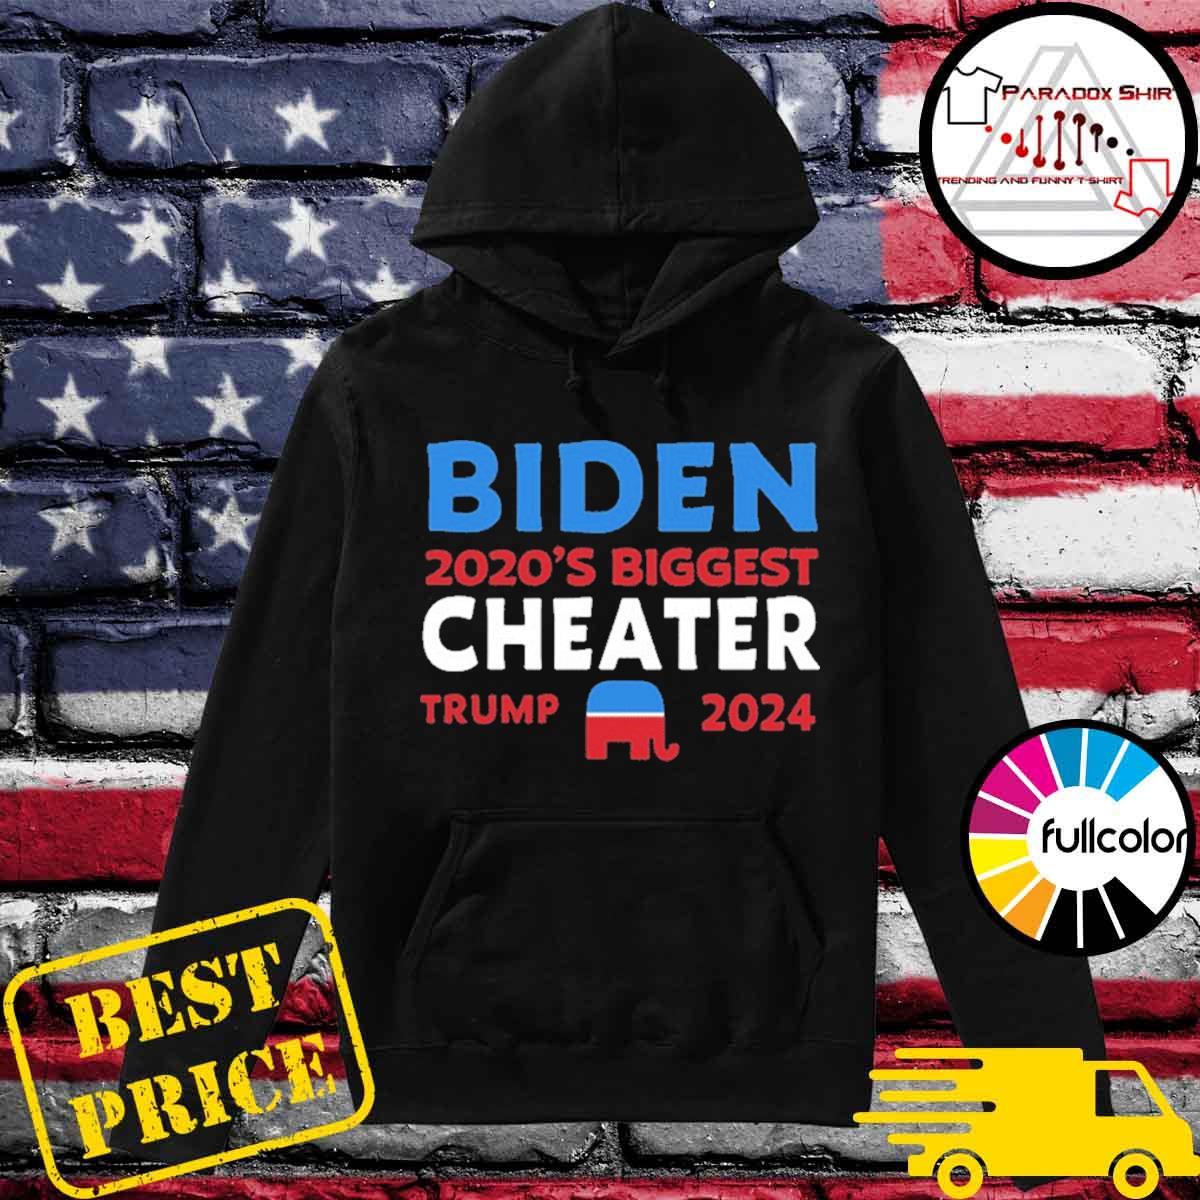 Biden 2020 Biggest Cheater Trump 2024 Official T-Shirt Hoodie